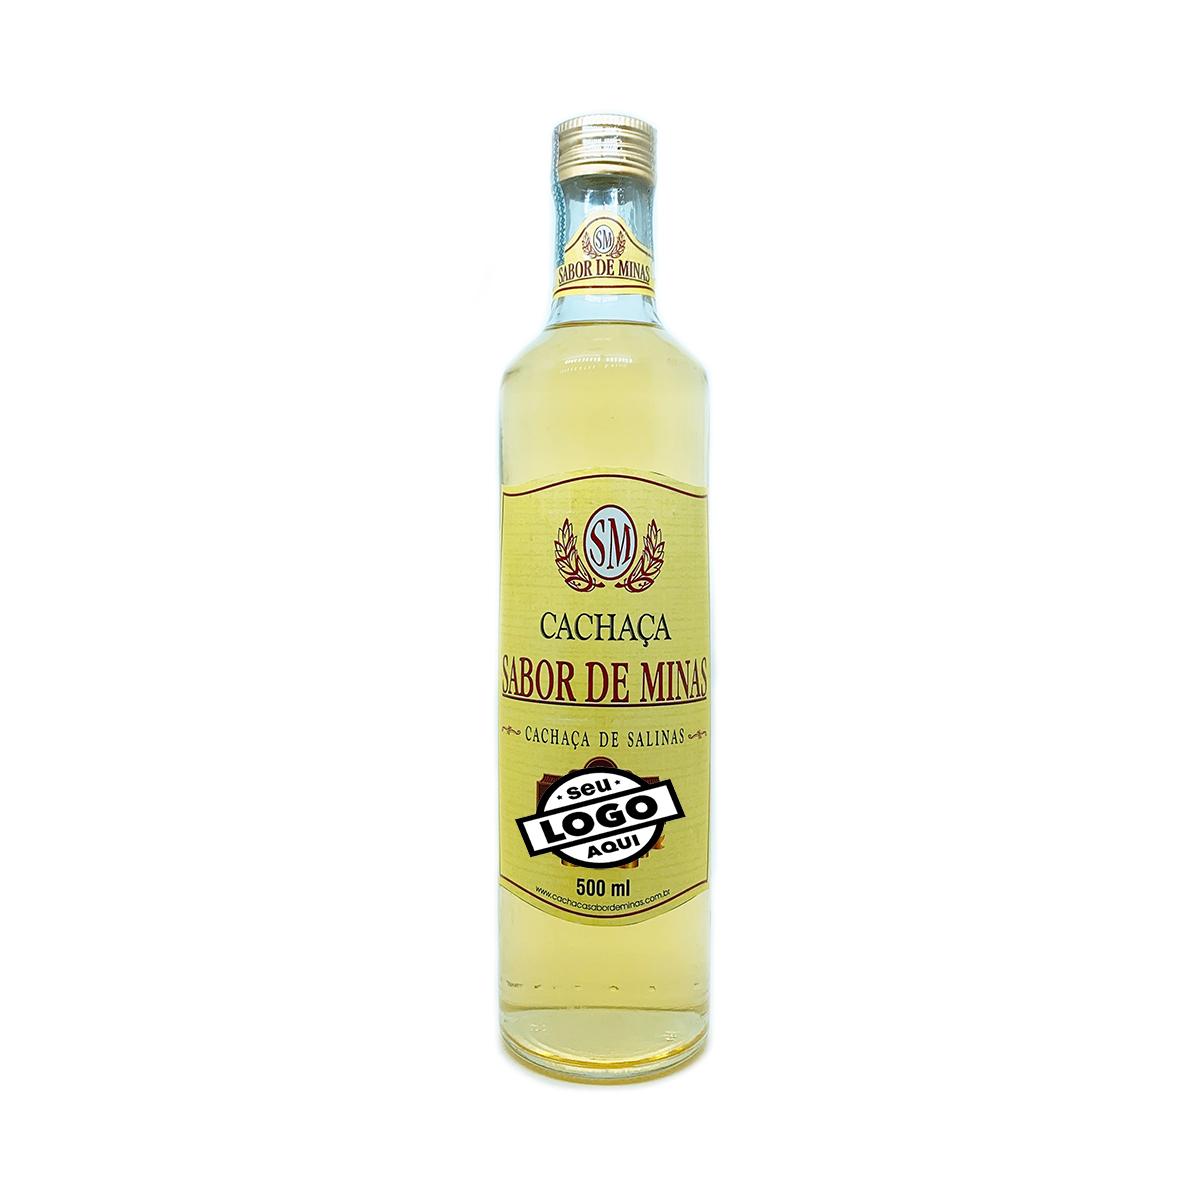 Cachaça Sabor de Minas 500ml Personalizada 12 garrafas